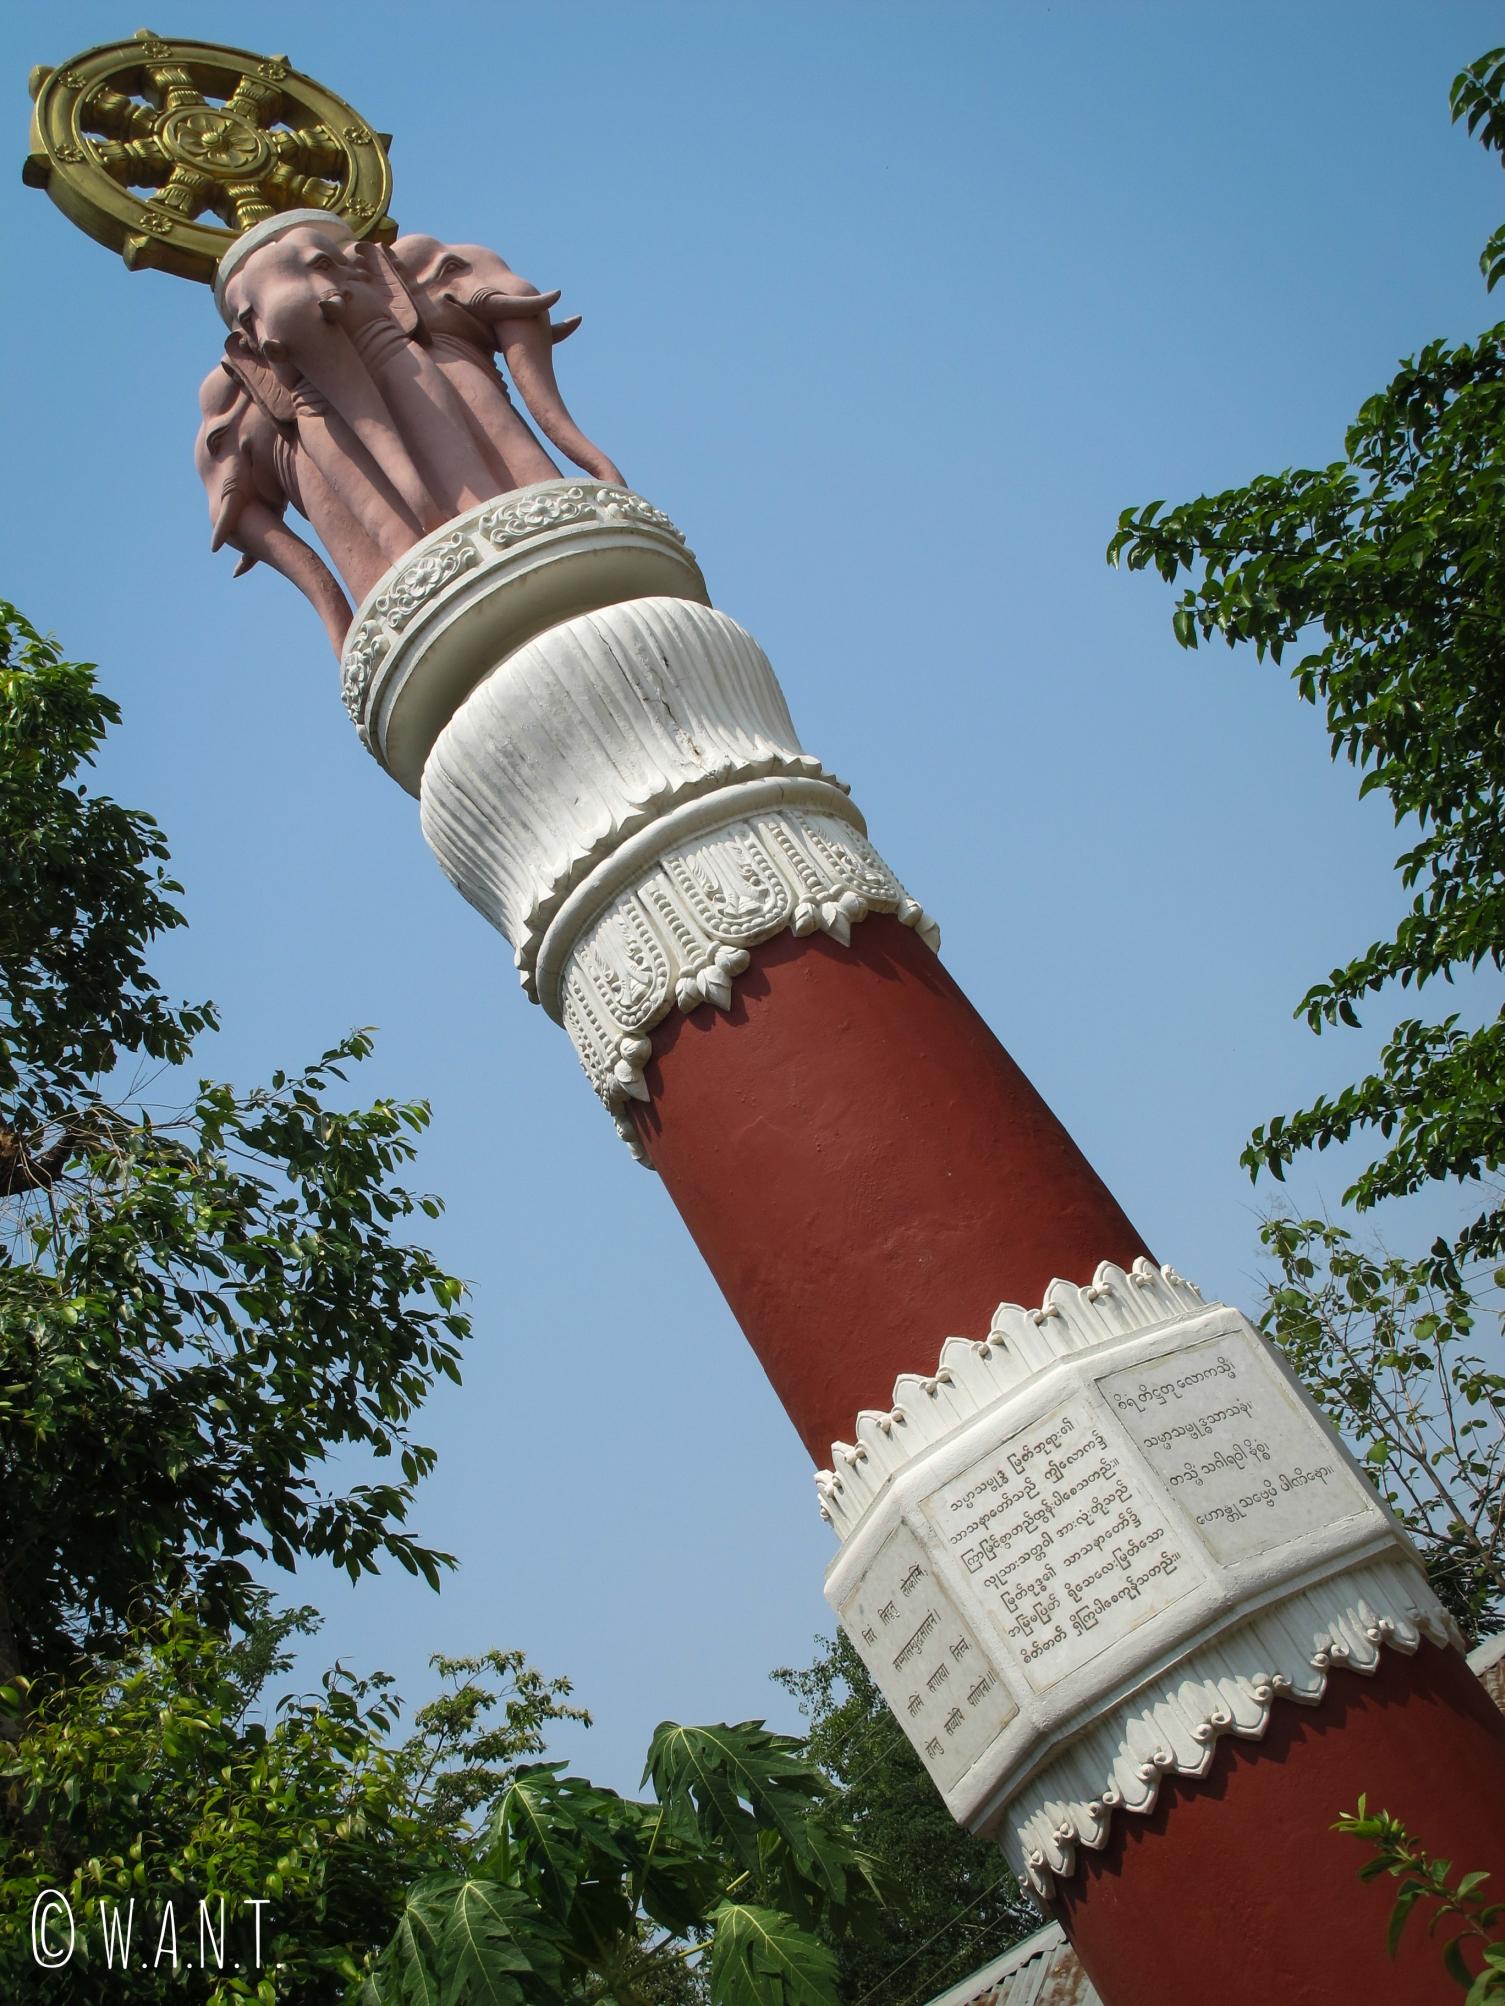 L'un des quatre piliers entourant le stupa du Myanmar, à l'effigie de l'éléphant